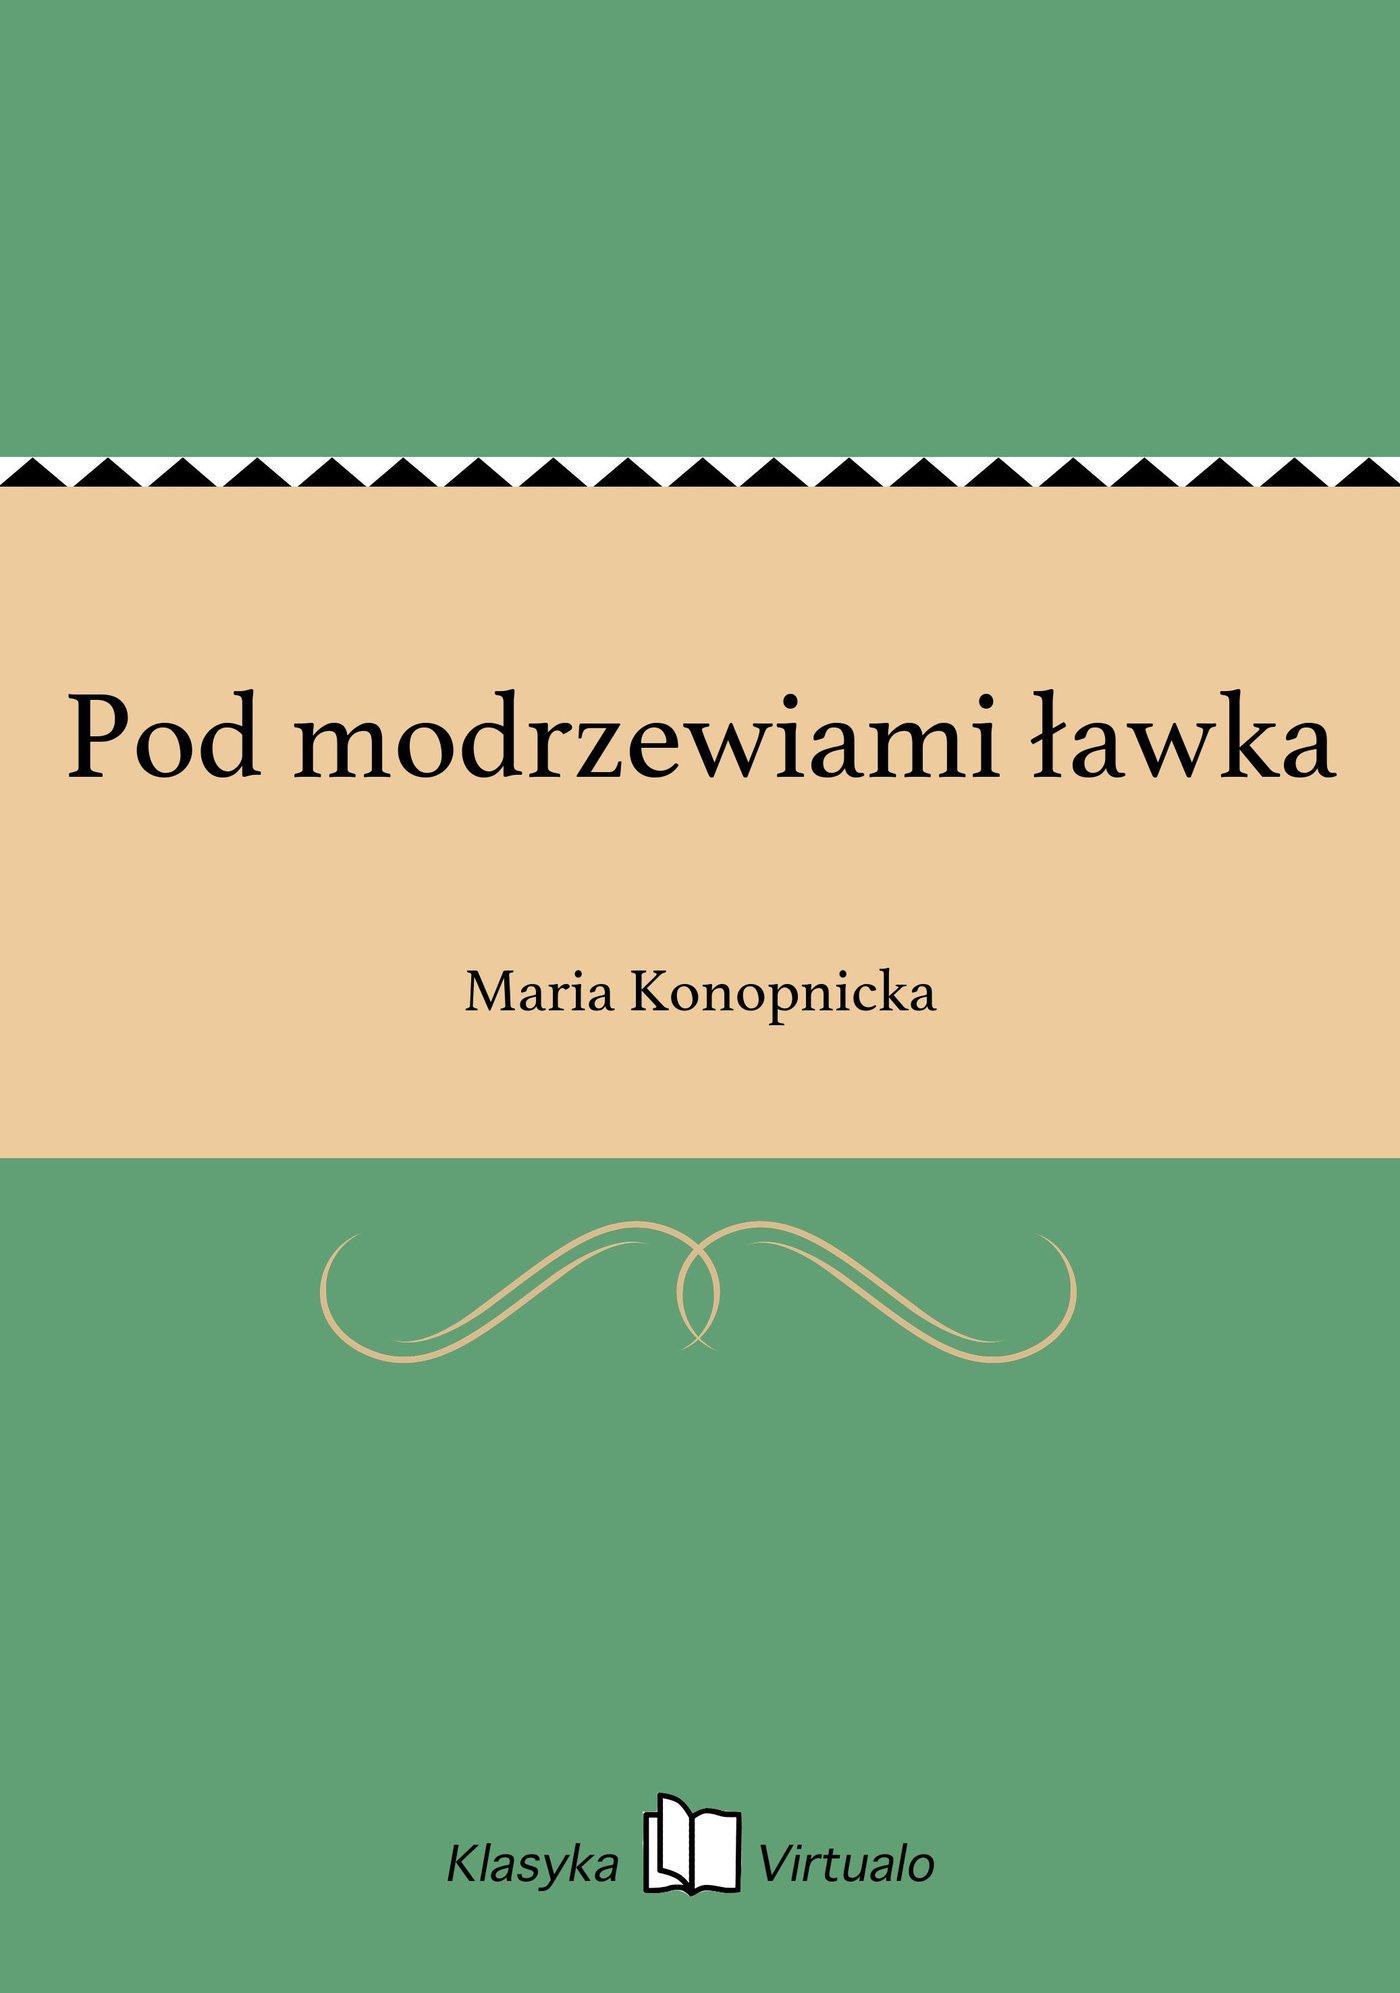 Pod modrzewiami ławka - Ebook (Książka EPUB) do pobrania w formacie EPUB